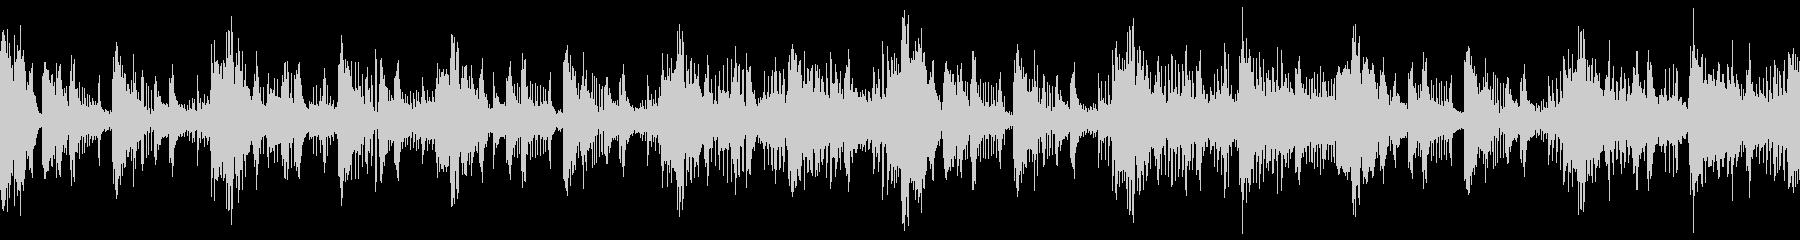 【ループ音源】盆回り/場面転換/騒がしいの未再生の波形